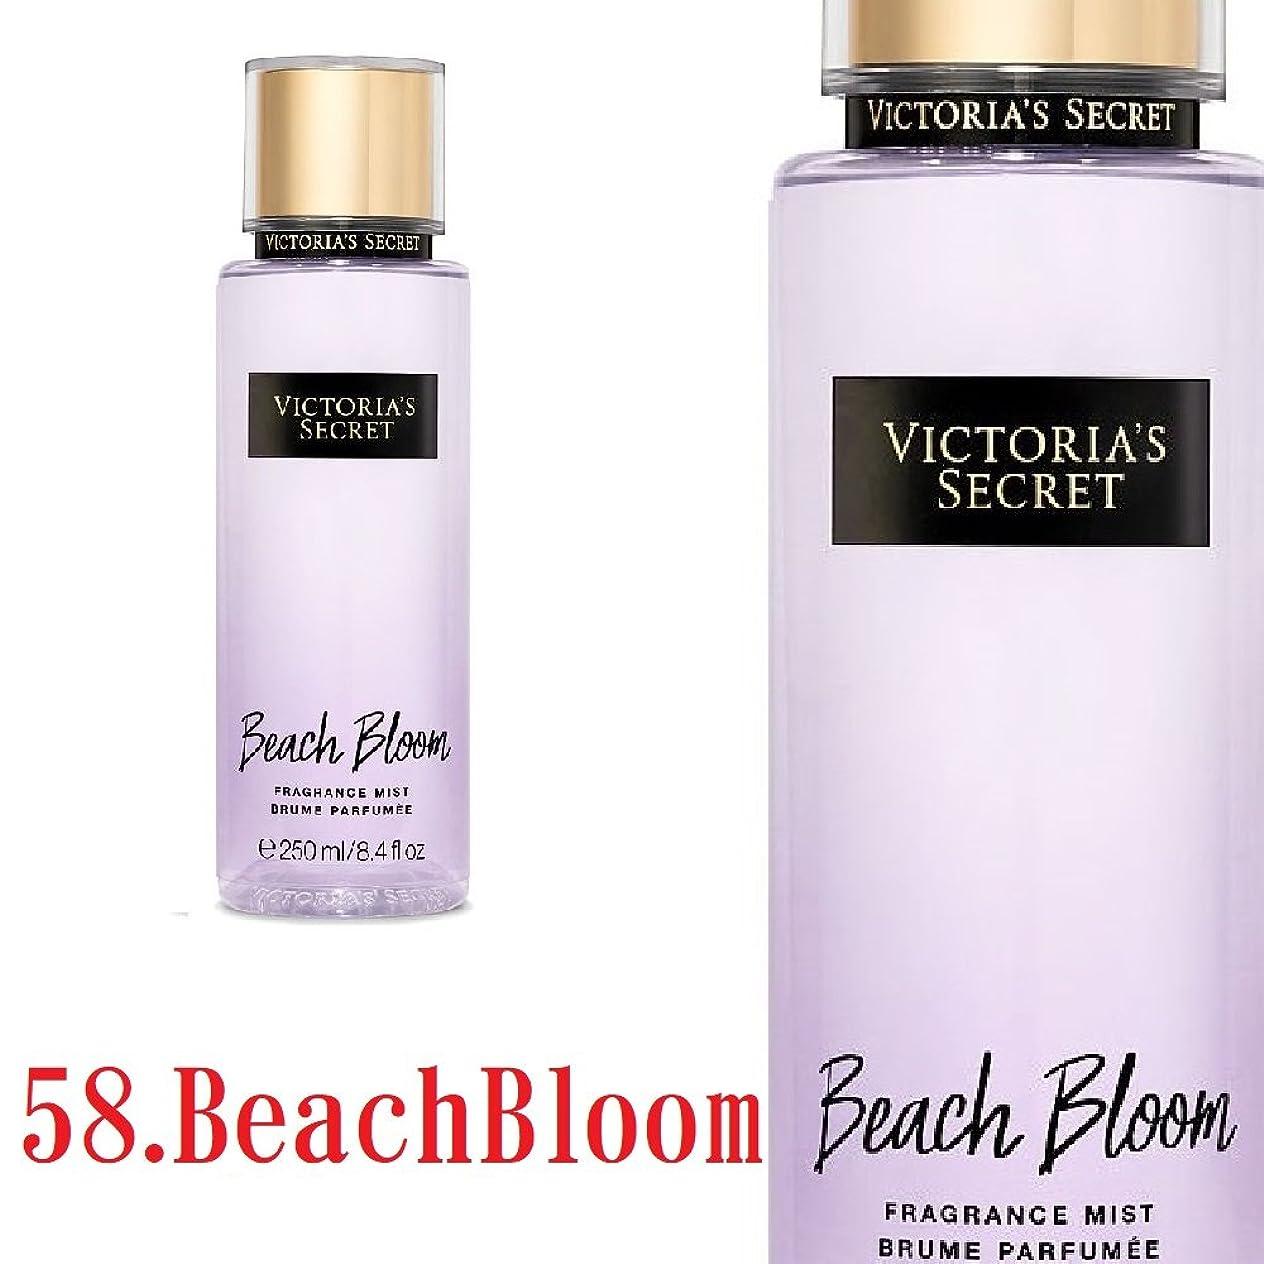 勤勉な店主物理学者フレグランスミスト Victoria'sSecretFantasies FragranceMist ヴィクトリアシークレット Victoria'sSecret (58.ビーチブルーム/BeachBloom) [並行輸入品]